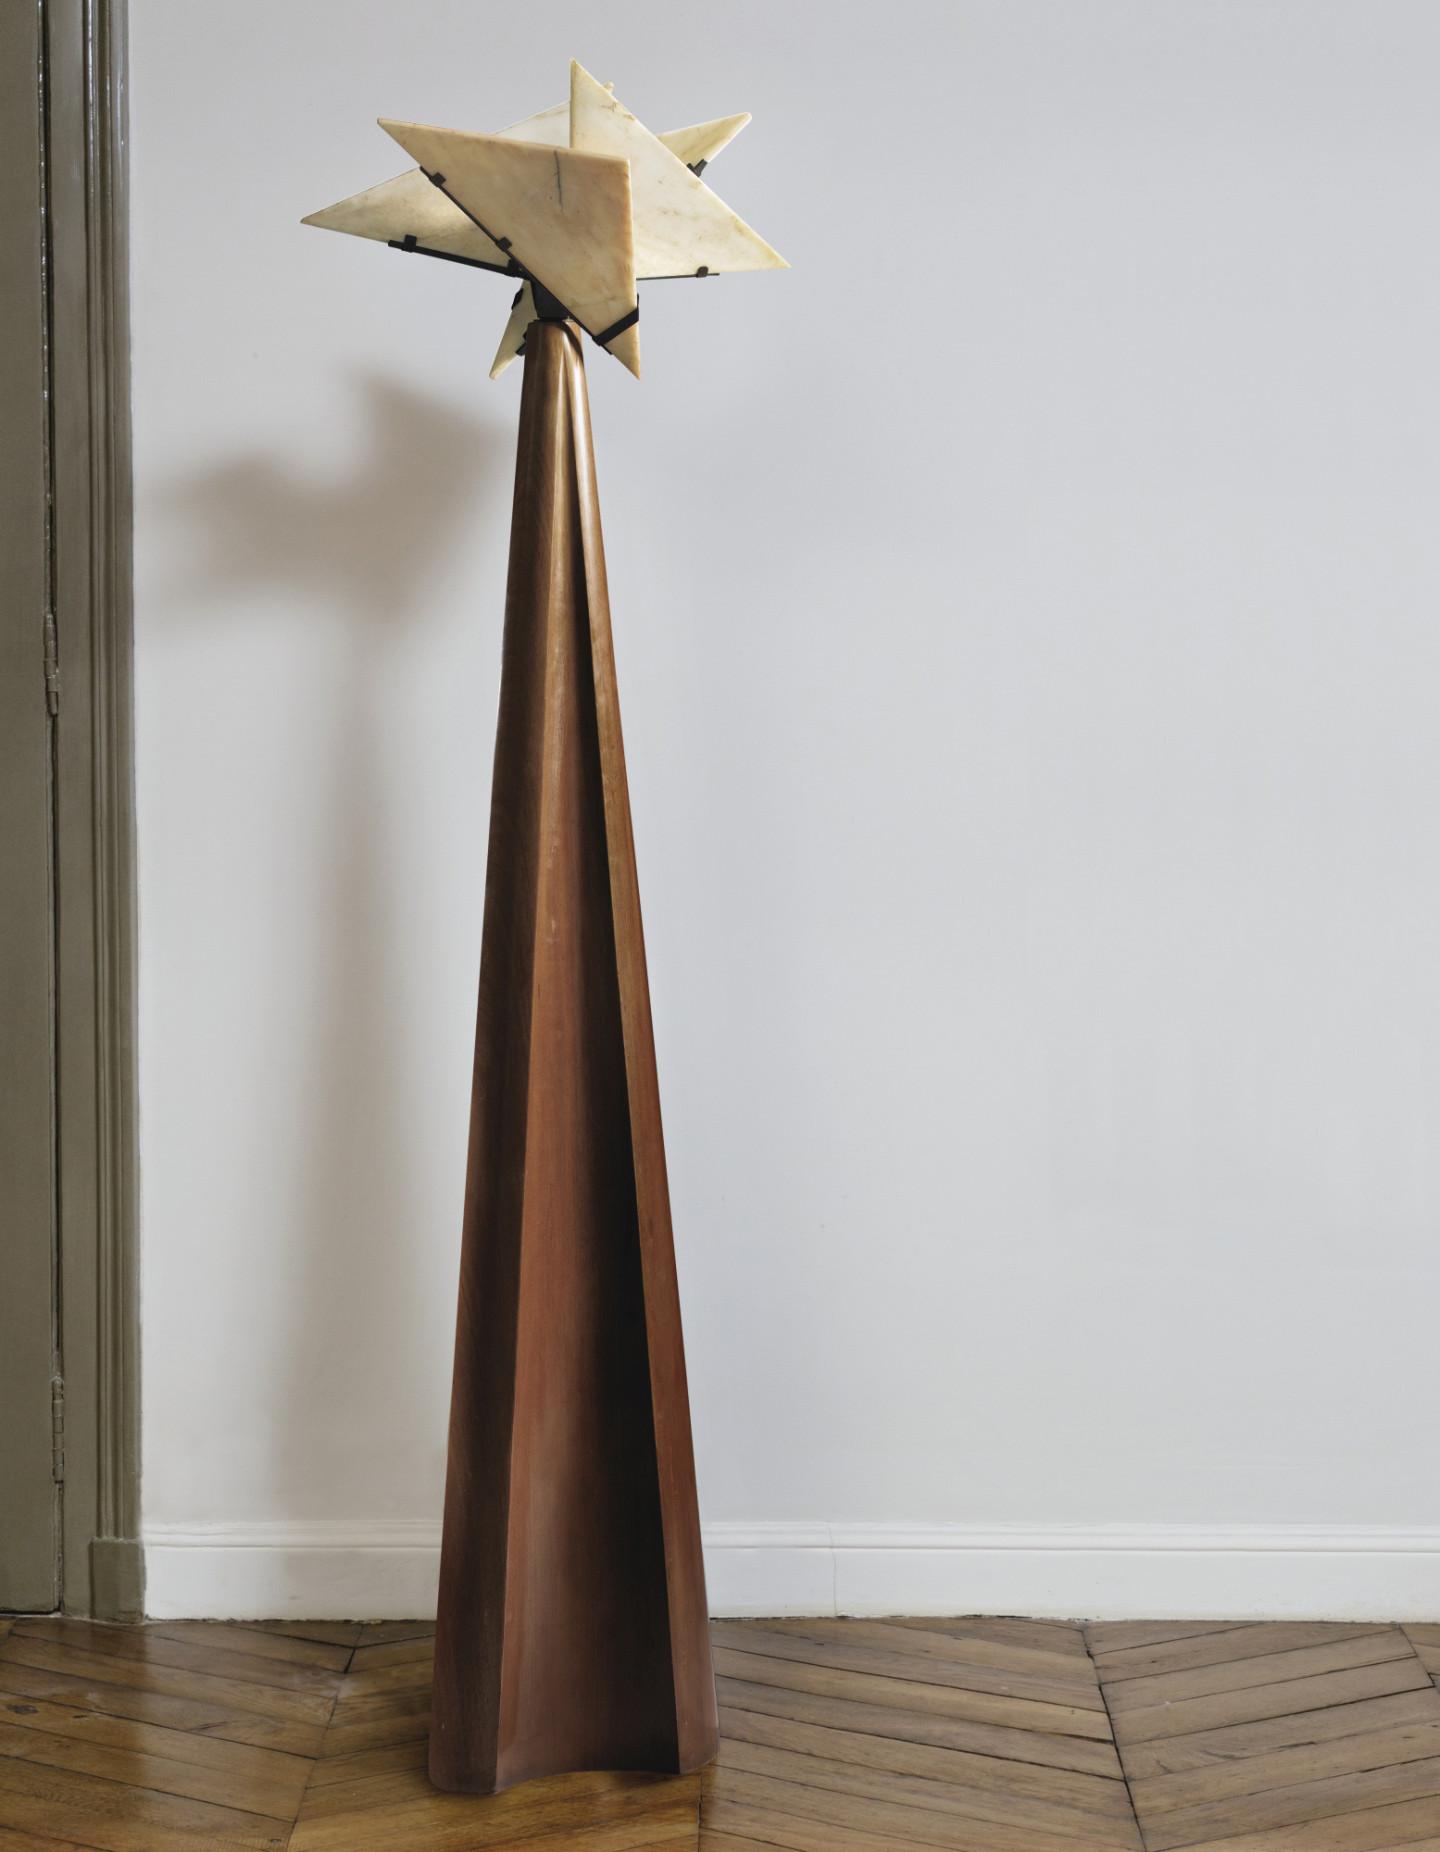 Пьер Шаро, торшер Religieuse, модель SN 31, 1923 (продан на аукционе Christie's, в Нью-Йорке в июне 2018 года за $2 172 500)